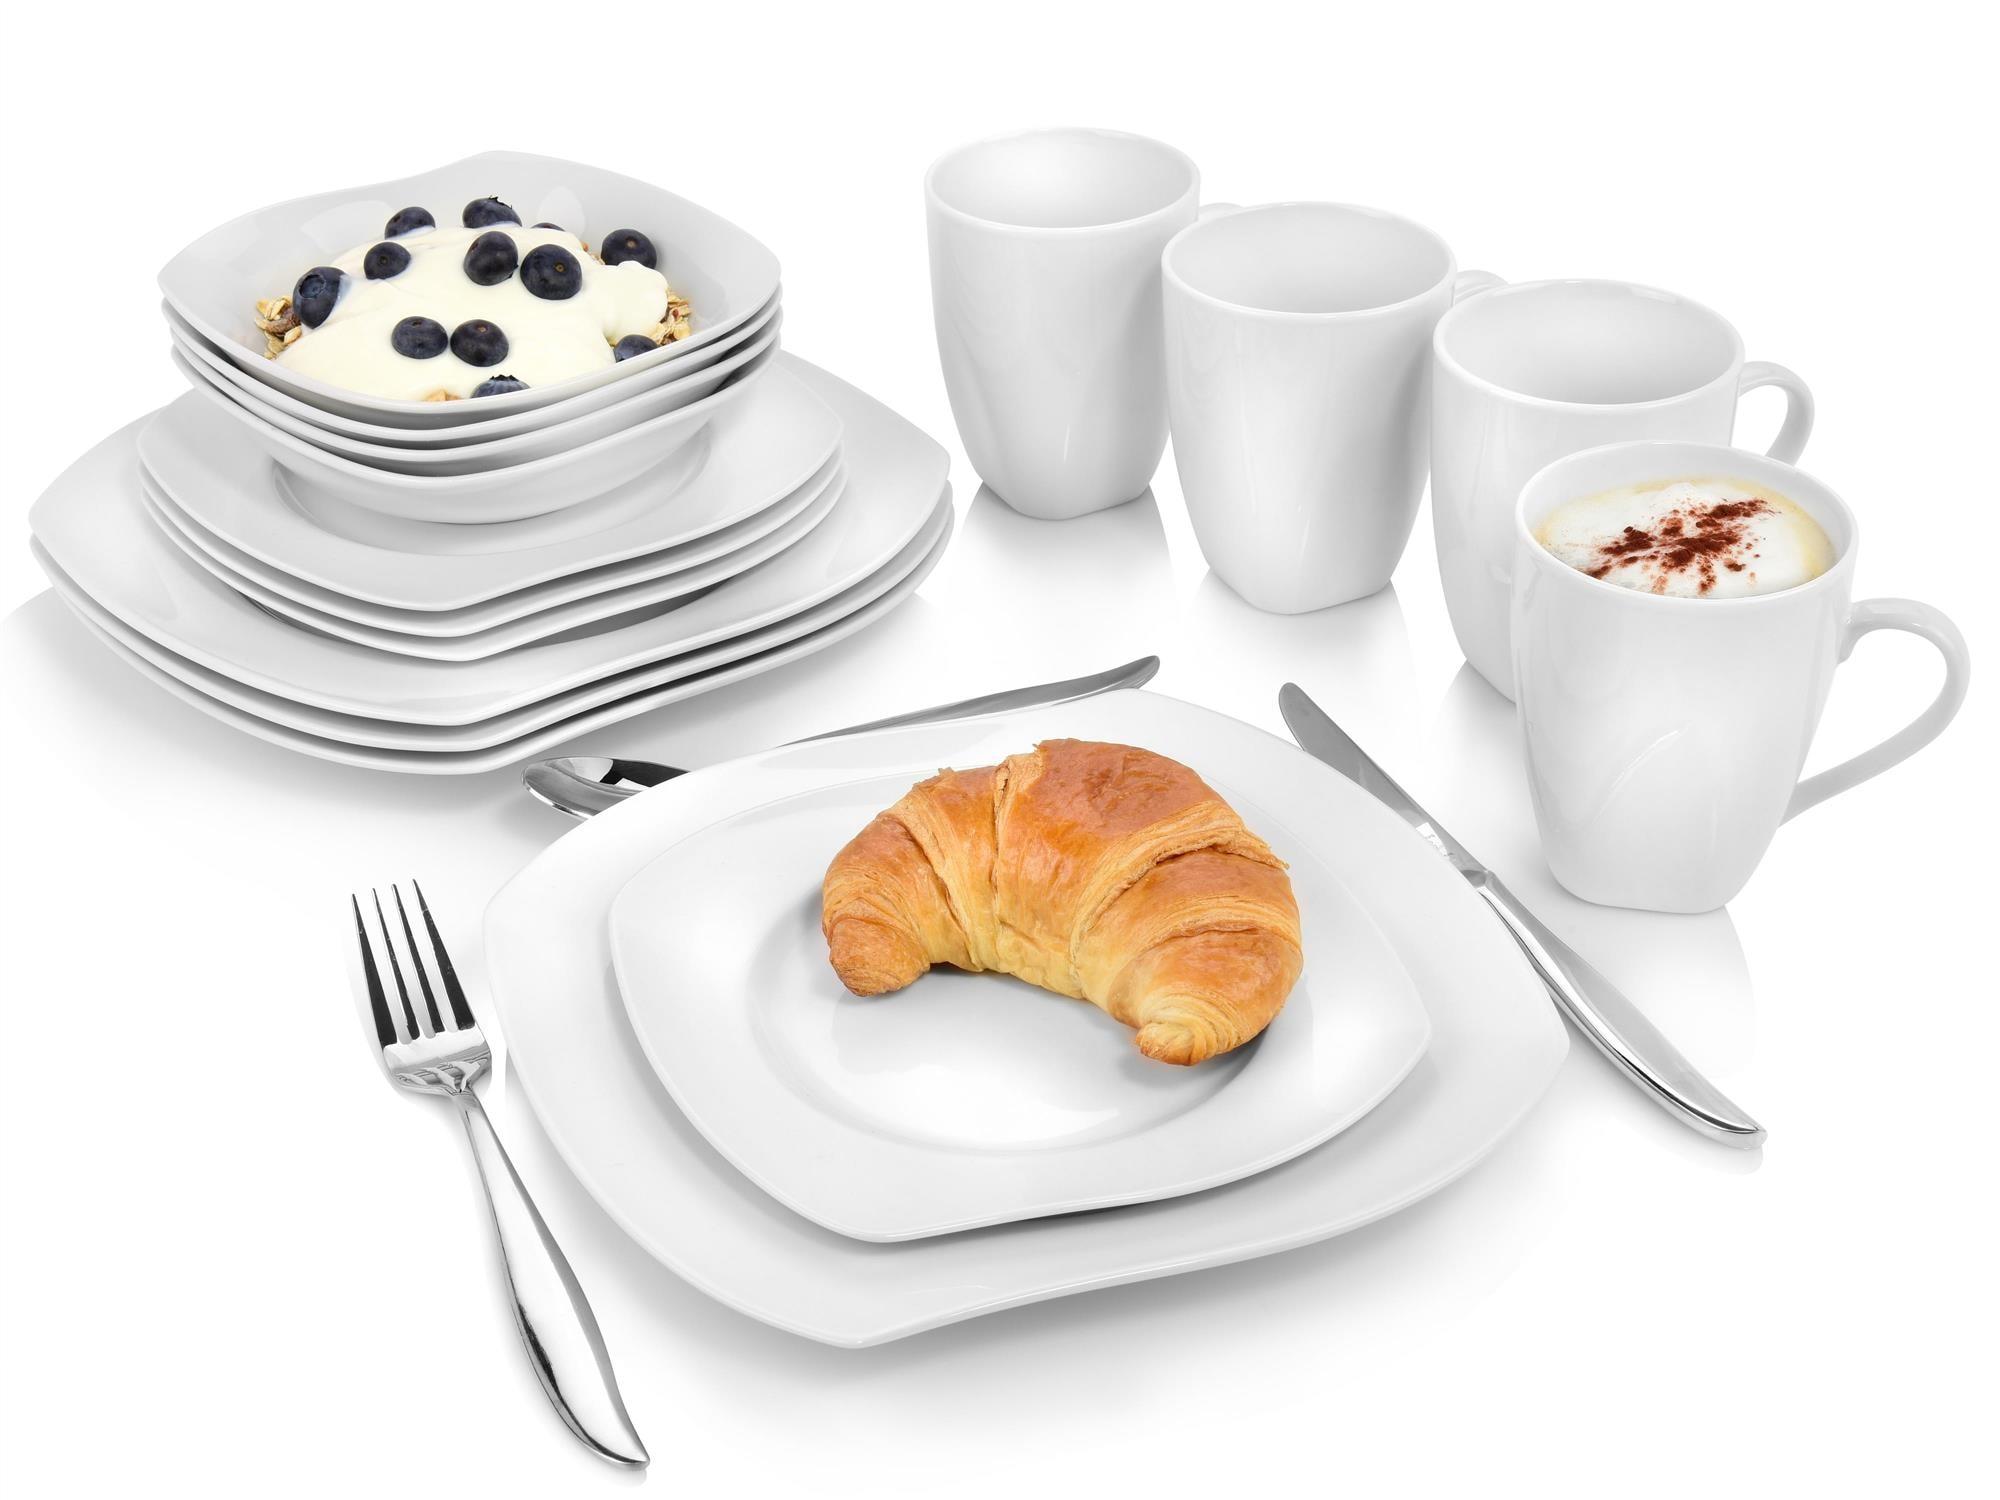 SÄNGER Kombiservice Avalon, (16 tlg., Avalon aus Porzellan 16 teilig) weiß Geschirr-Sets Geschirr, Tischaccessoires Haushaltswaren